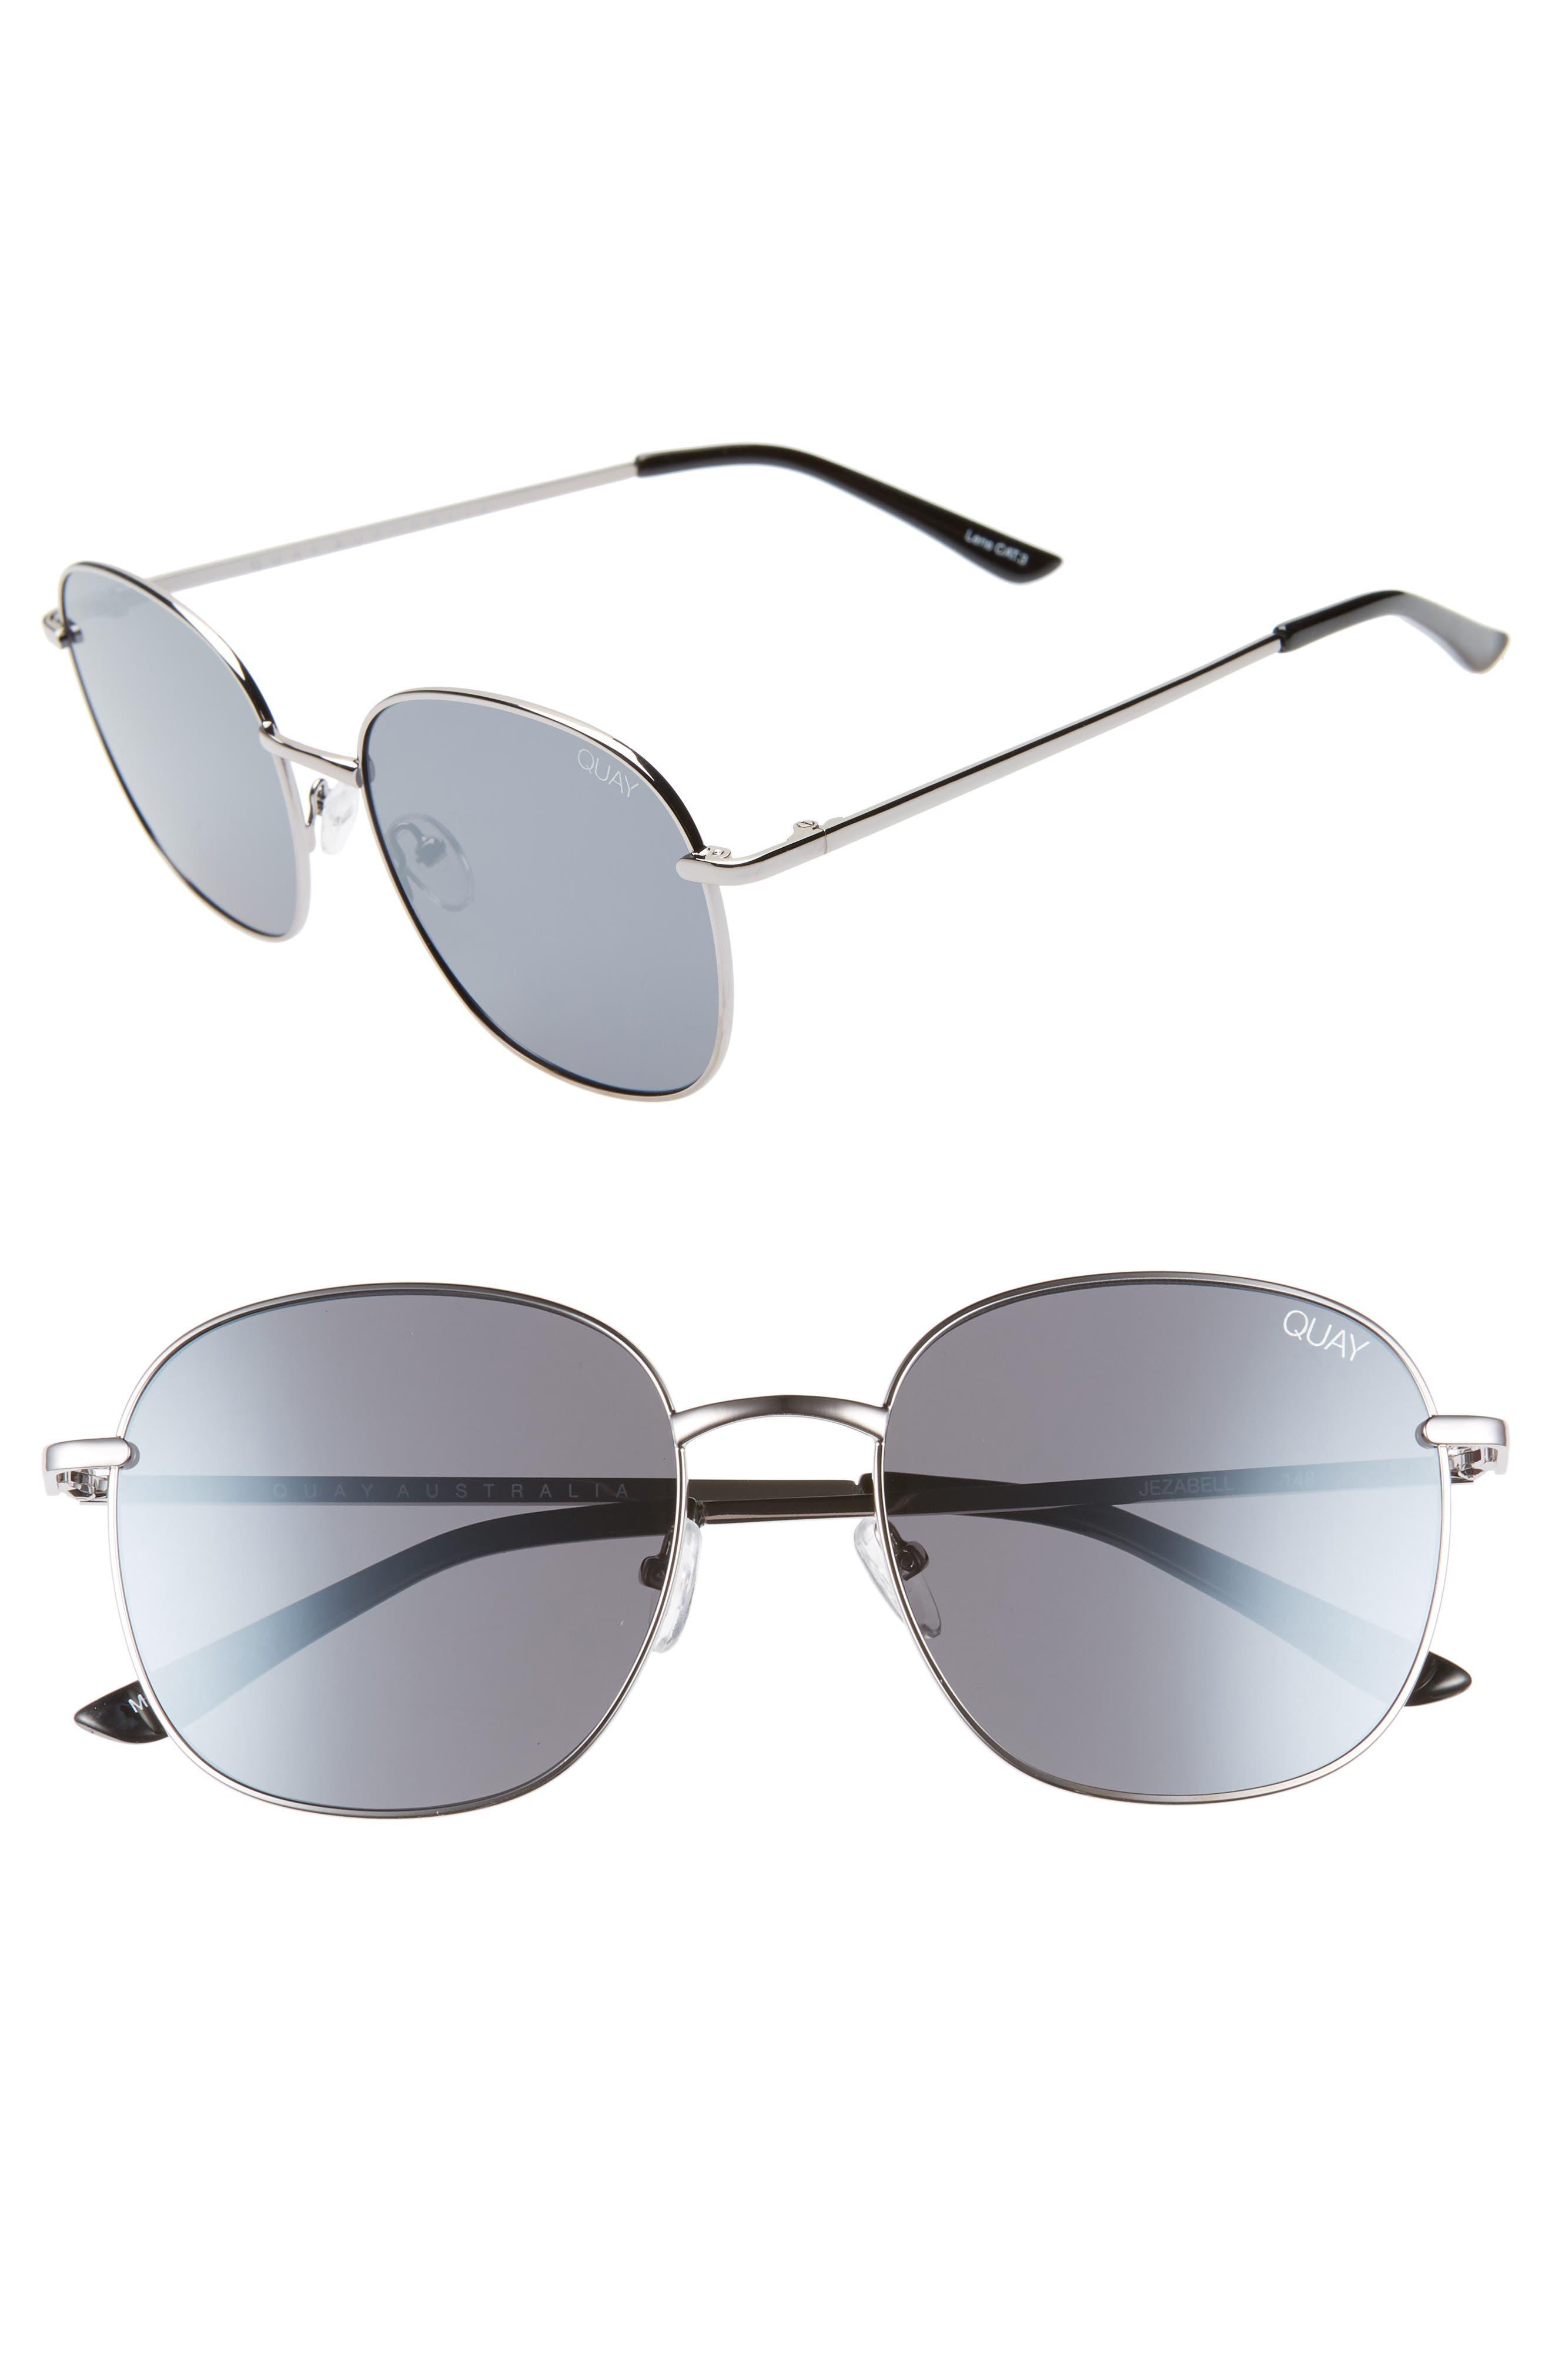 QUAY AUSTRALIA Jezabell 57mm Round Sunglasses, Main, color, GUNMETAL / SILVER MIRROR